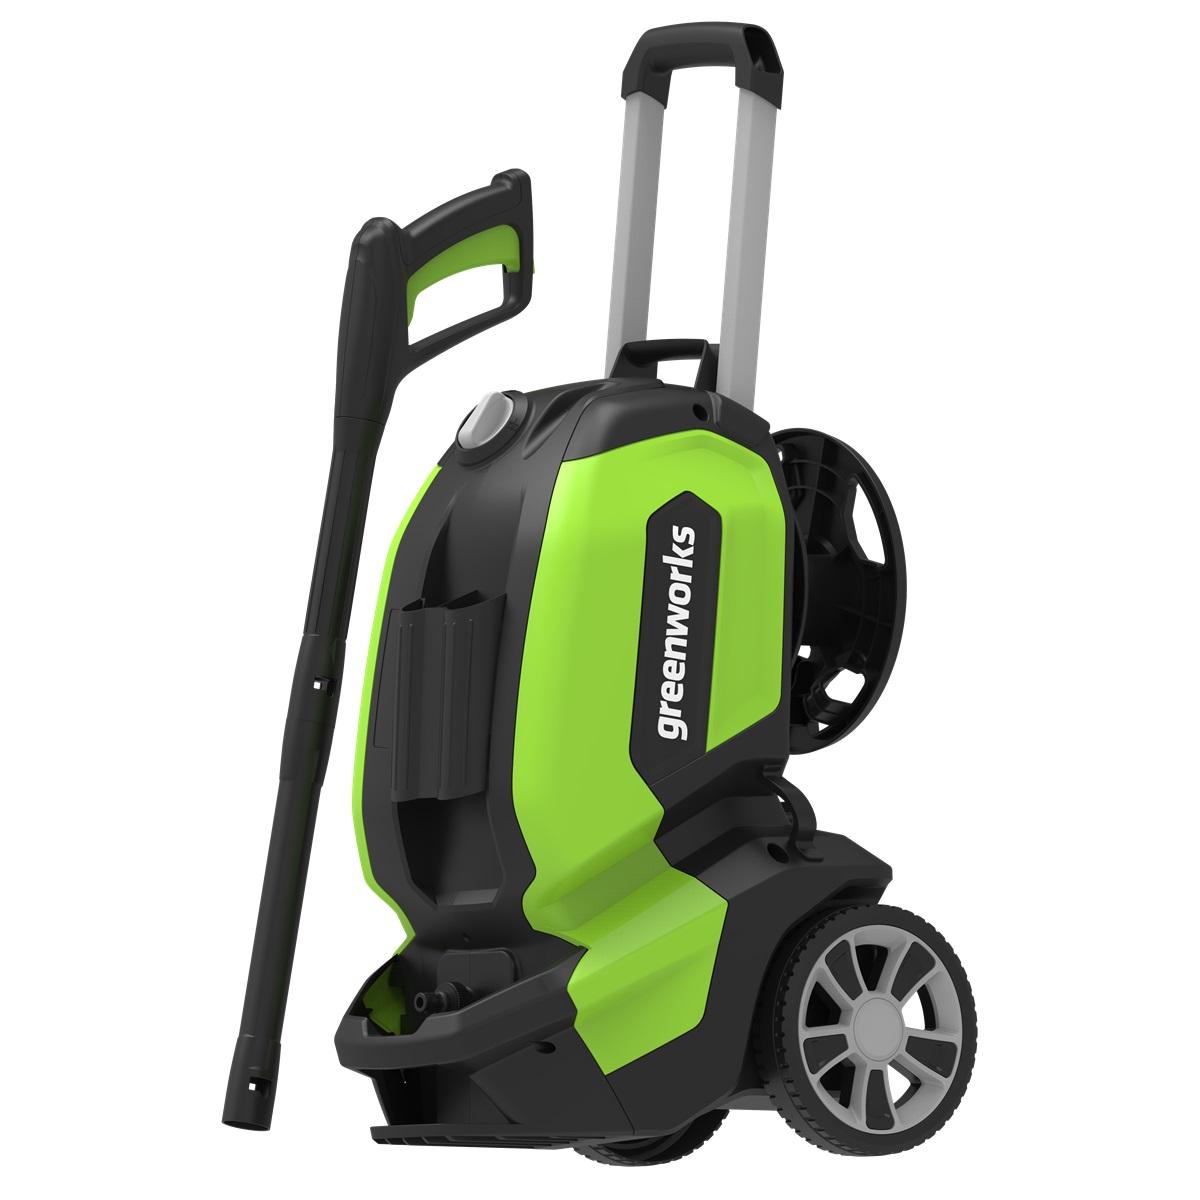 elektrický vysokotlakový čistič 180 bar s bezuhlíkovým motorom Greenworks G70